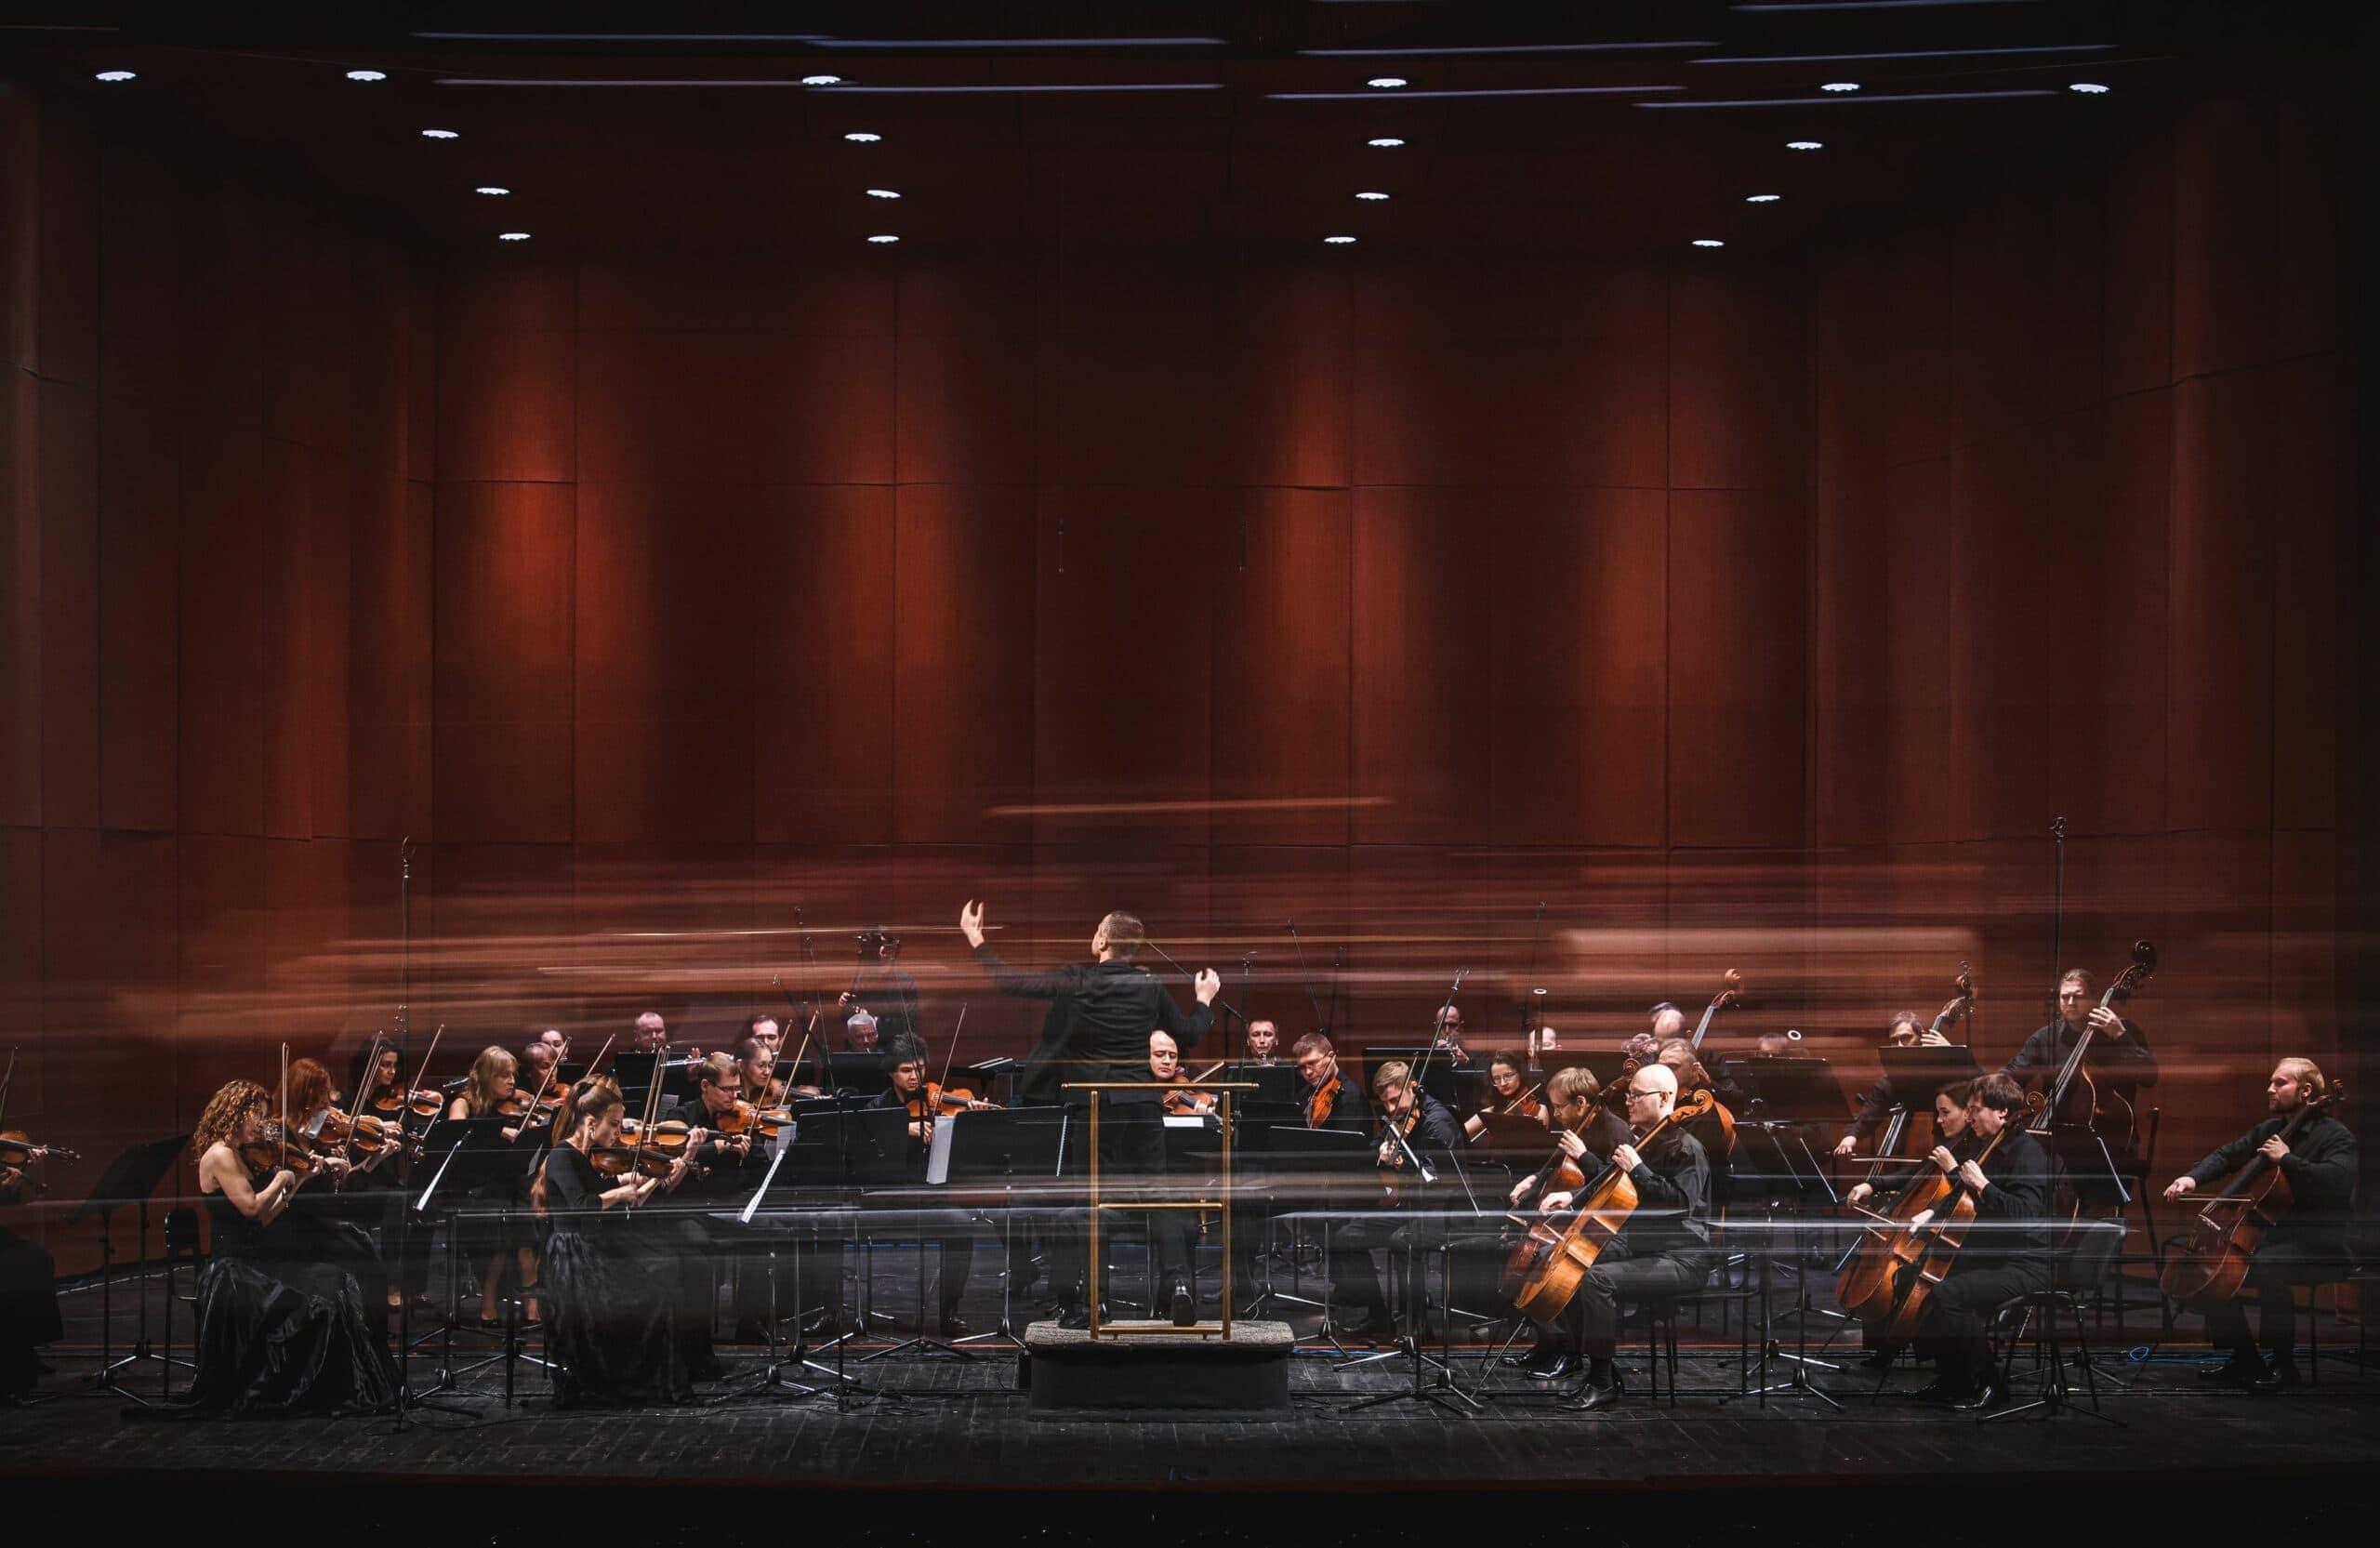 Оркестр Пермского театра оперы и балета. Фото - Андрей Чунтомов